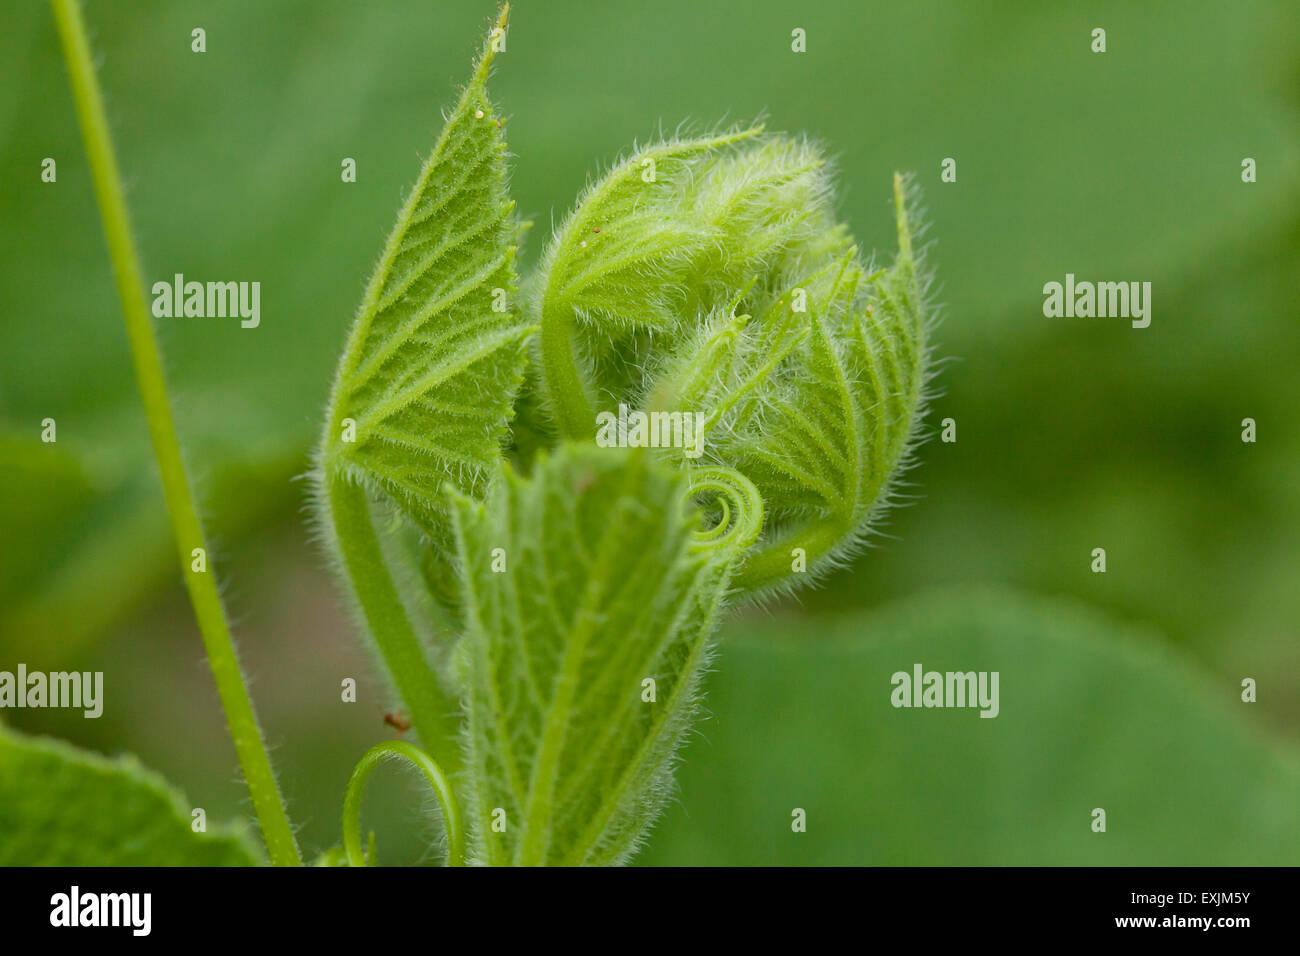 Nouvelle croissance des plantes de squash Photo Stock